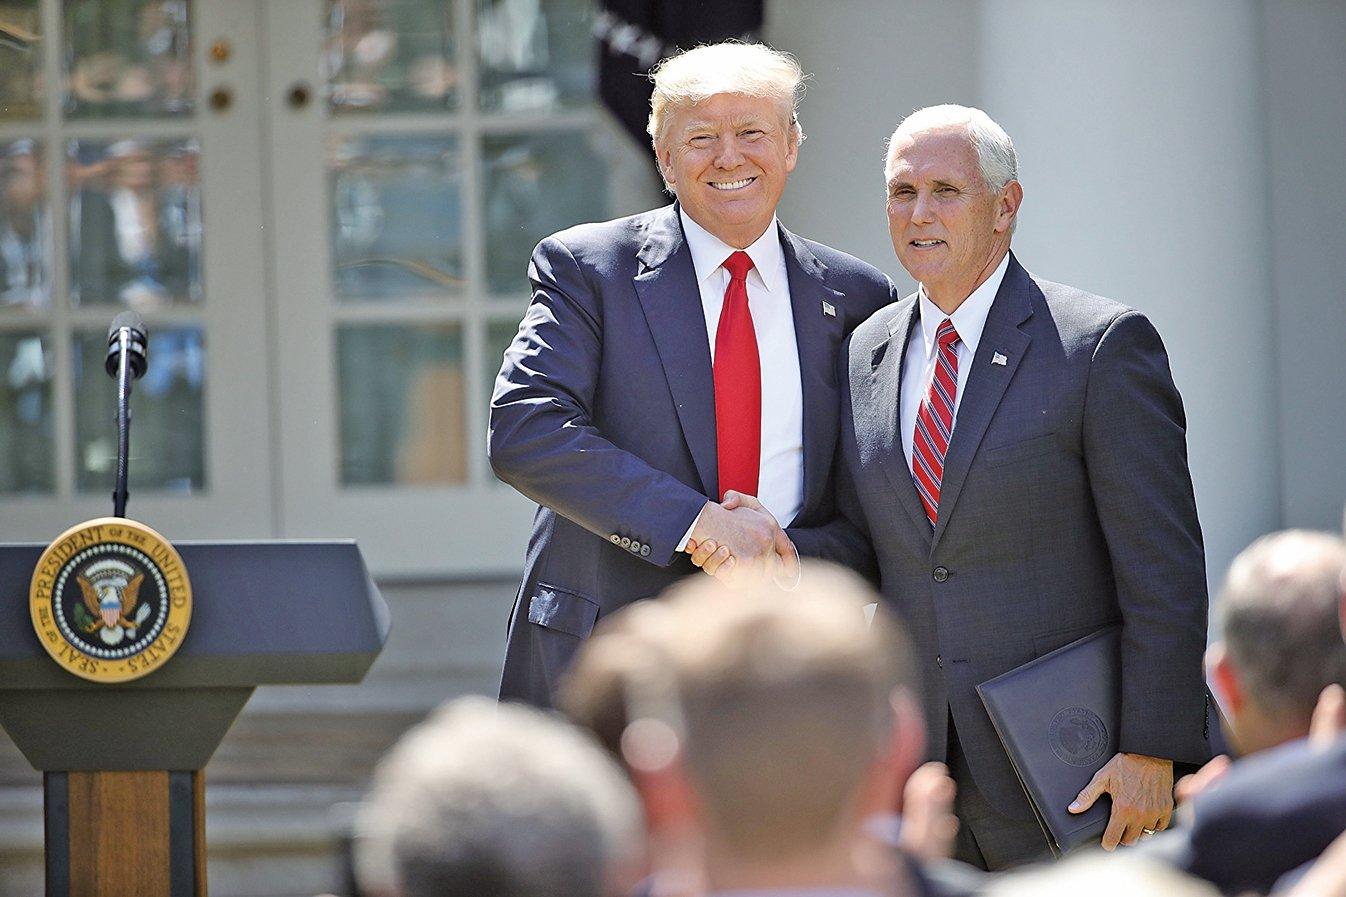 圖為2017年6月1日,特朗普和彭斯在宣佈美國退出巴黎協議的新聞會上。(Getty Images)